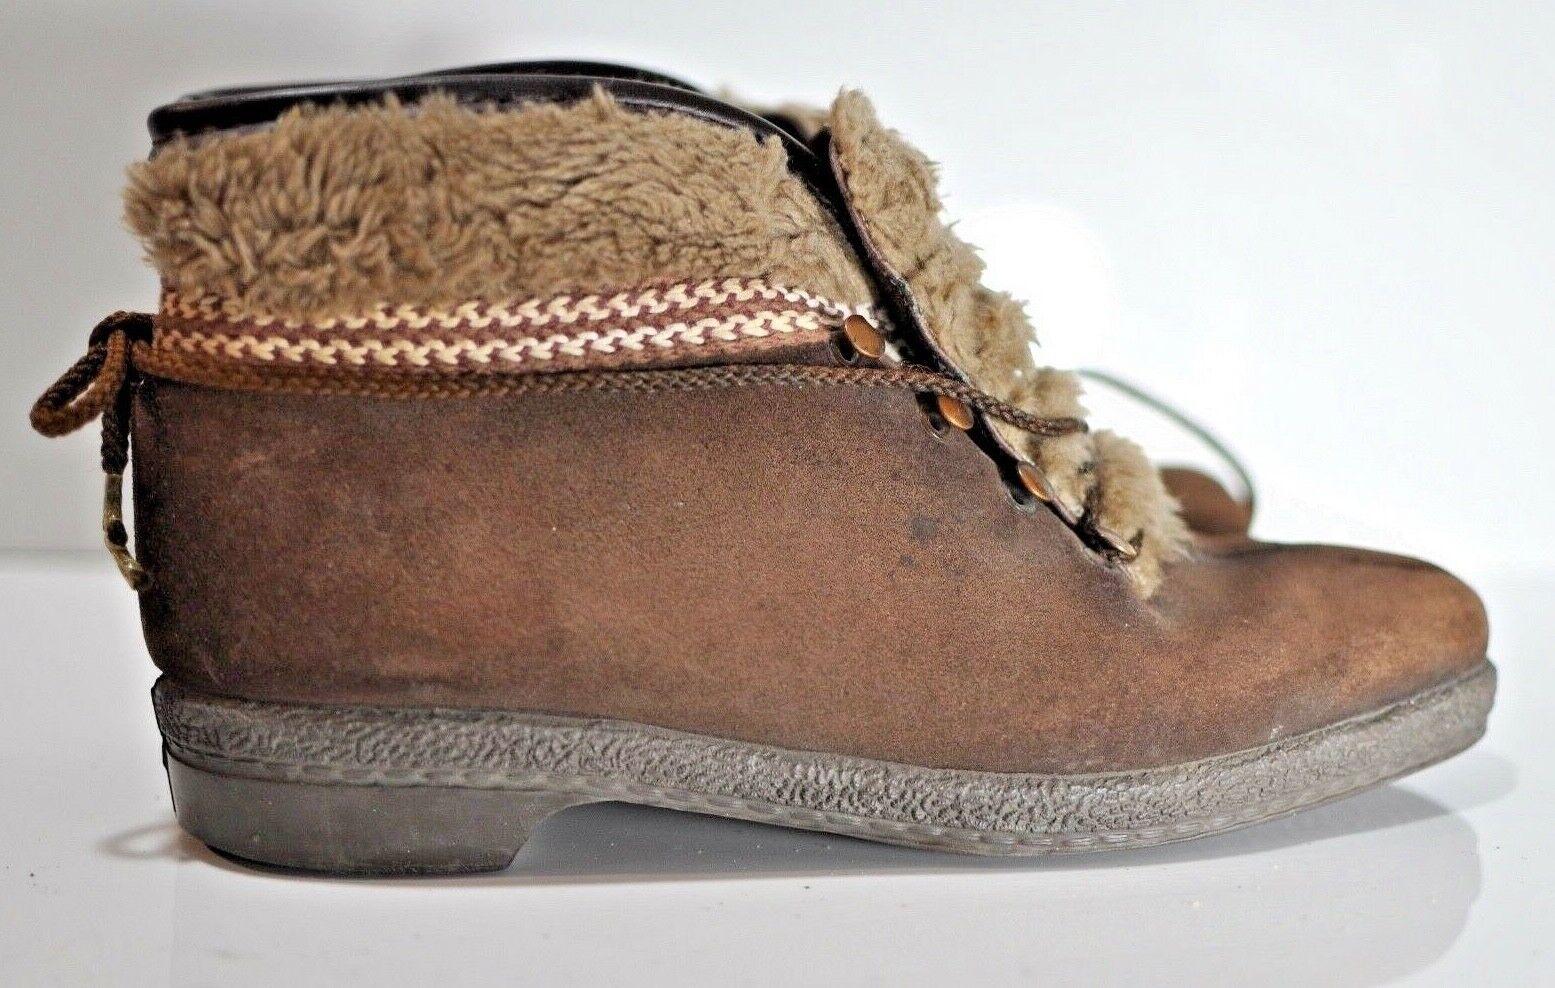 Vintage Cuero Marrón botas De Invierno Invierno Invierno Para Mujer yodelers tamaño 8.5 Hecho en EE. UU.  más vendido